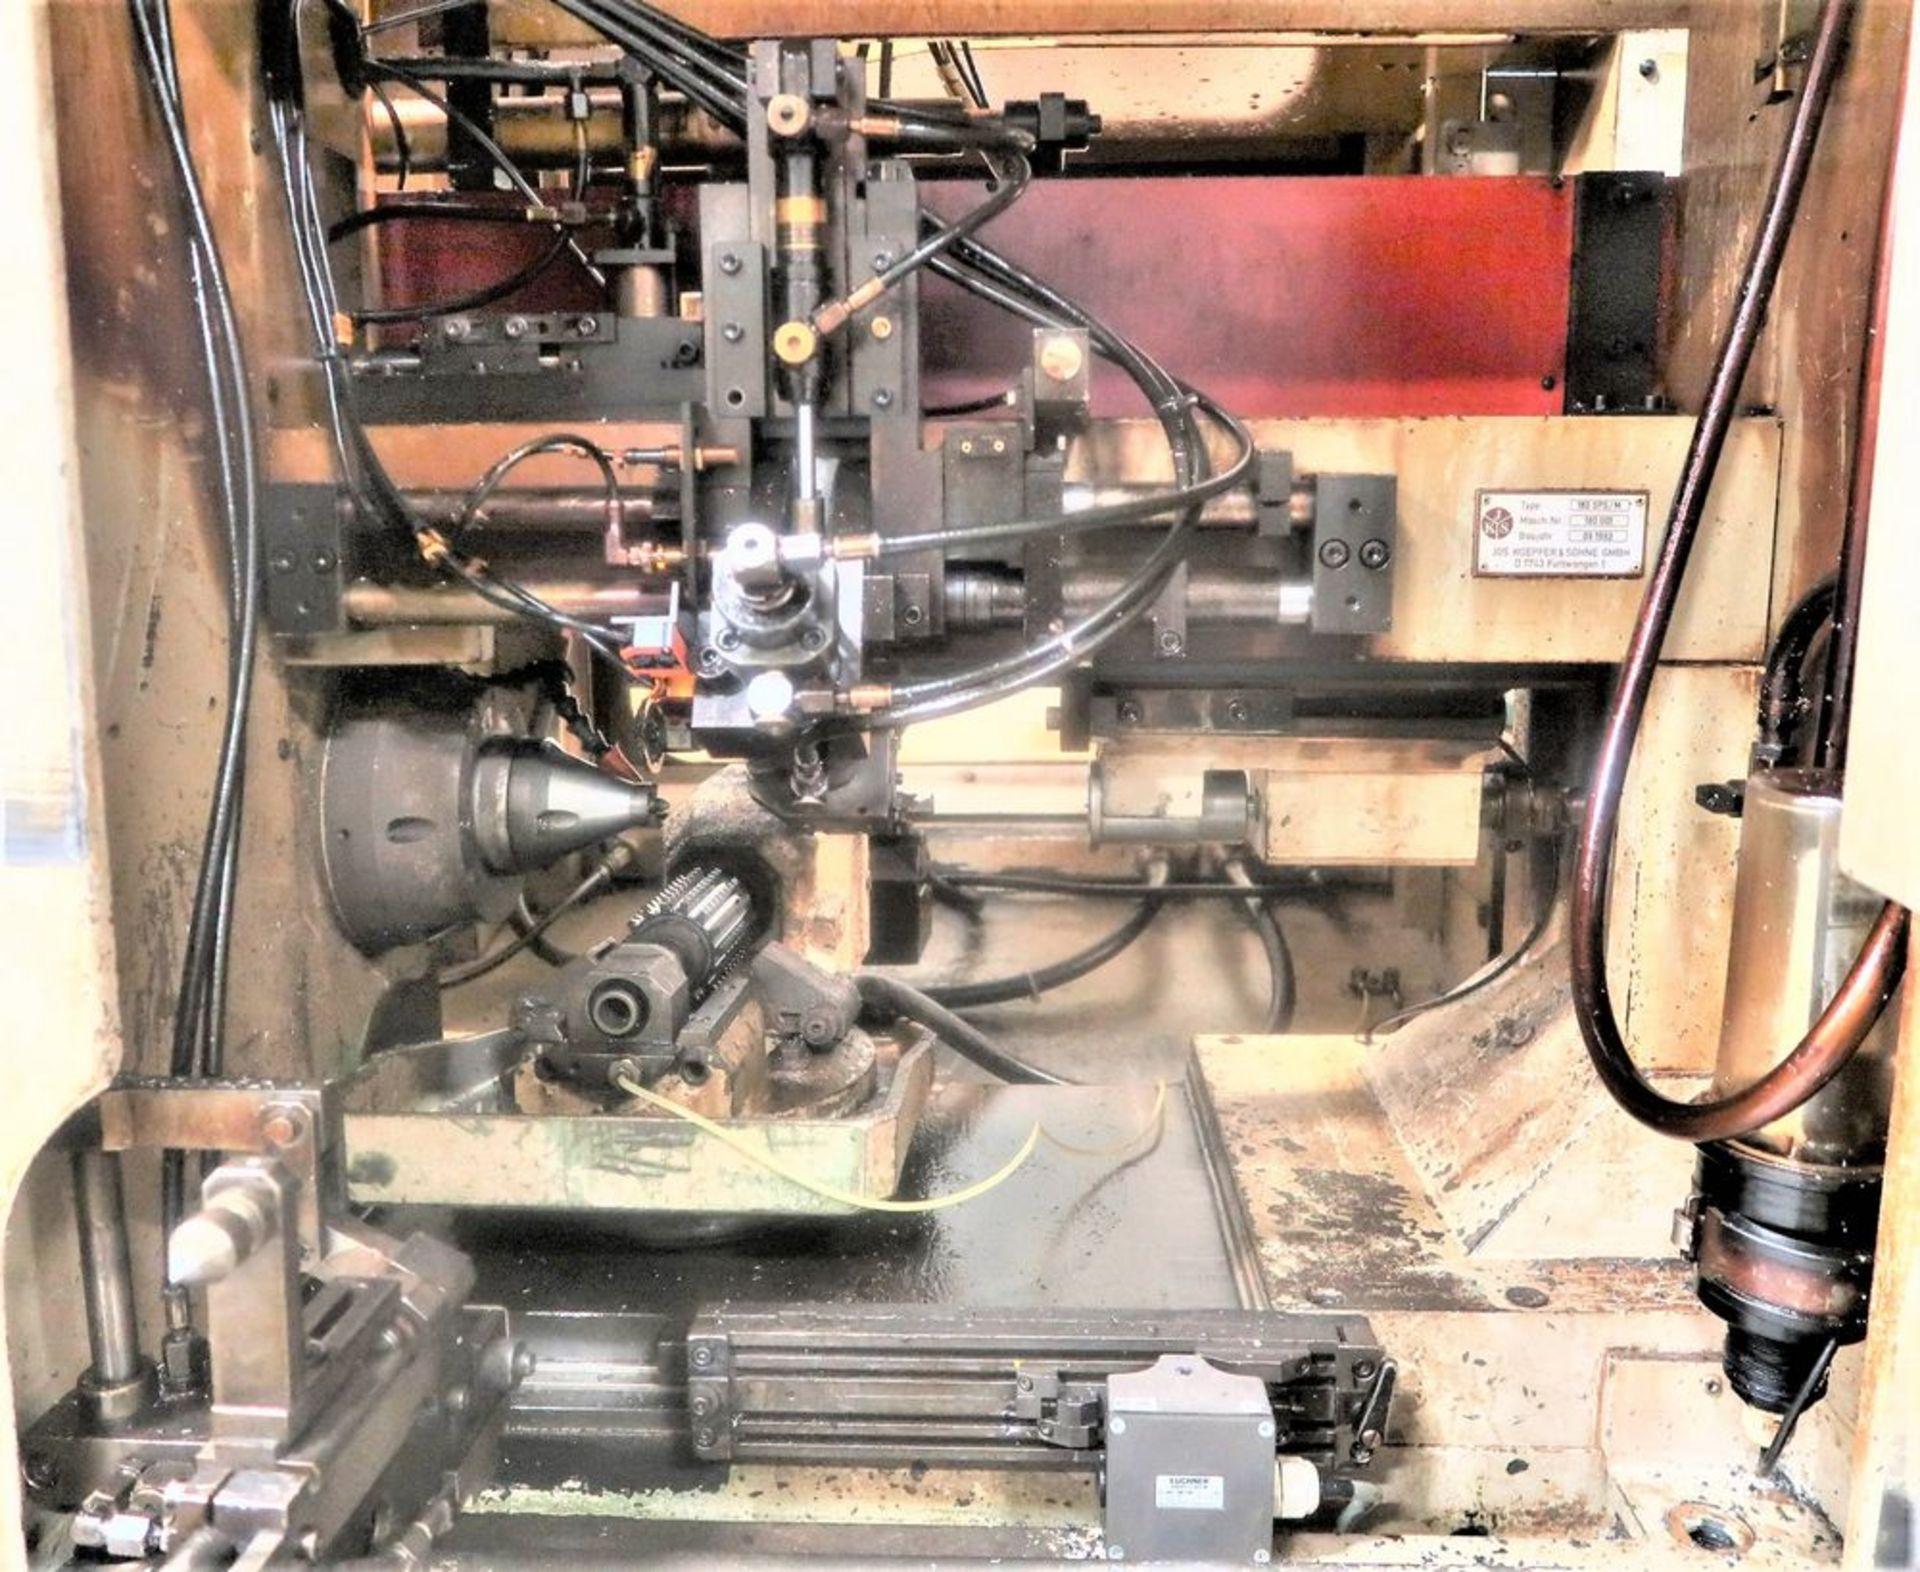 Koepfer 180 SPS/M Gear Hobber, S/N 180001 - Image 4 of 9